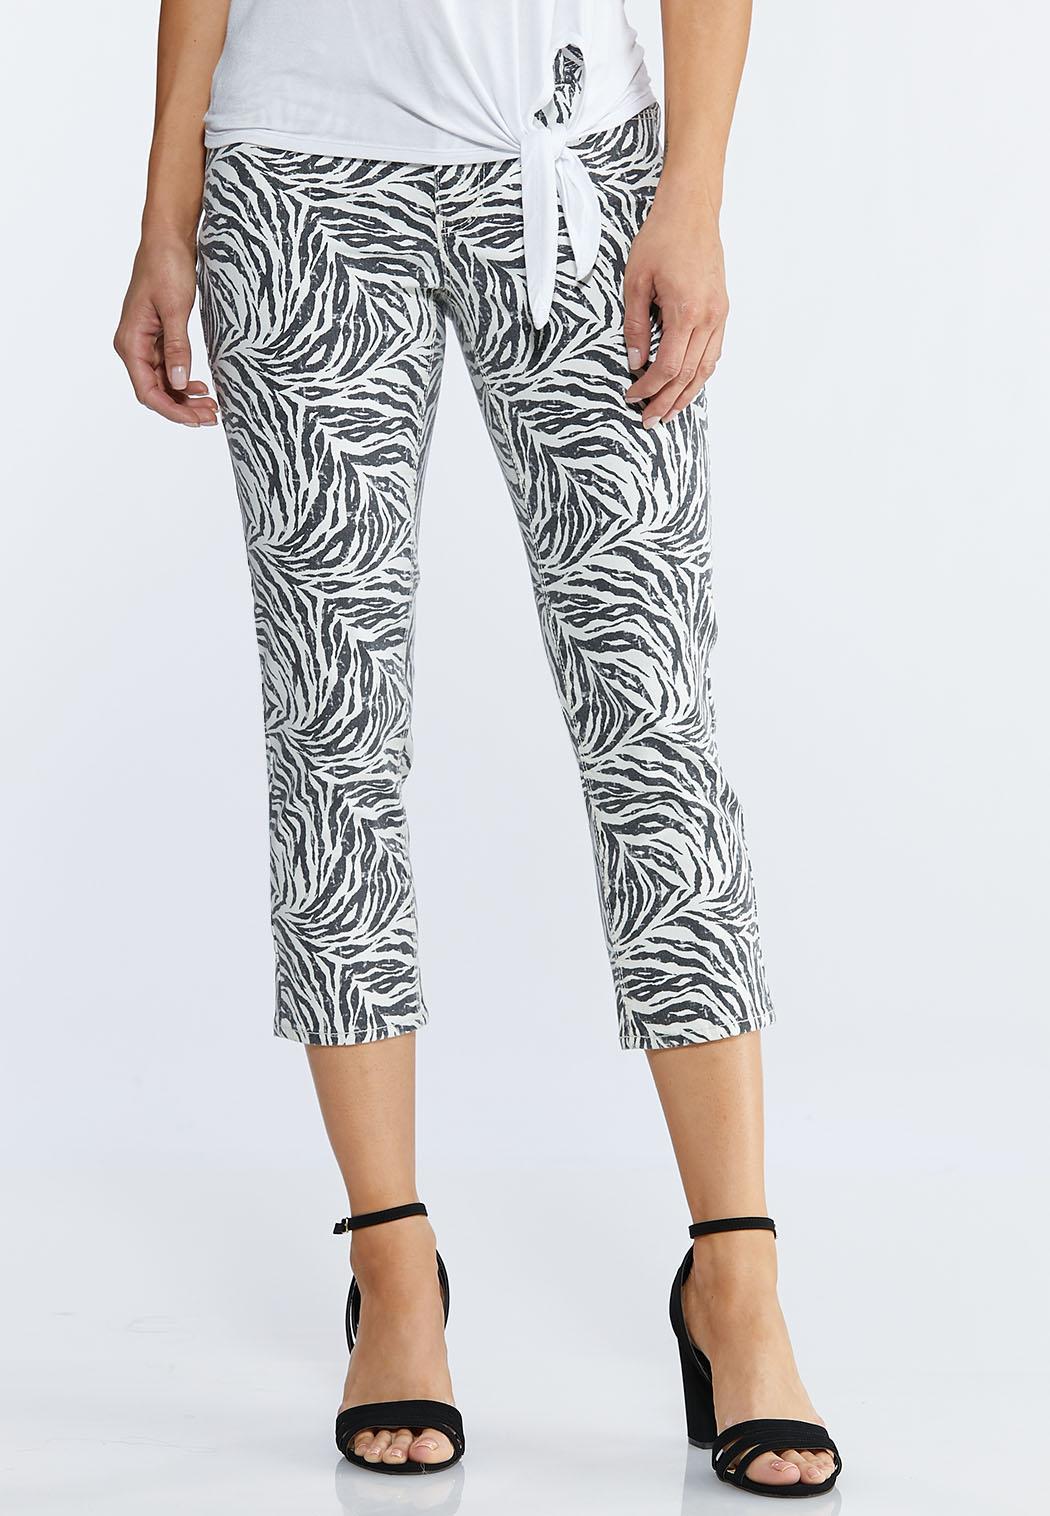 Cropped Zebra Print Pants